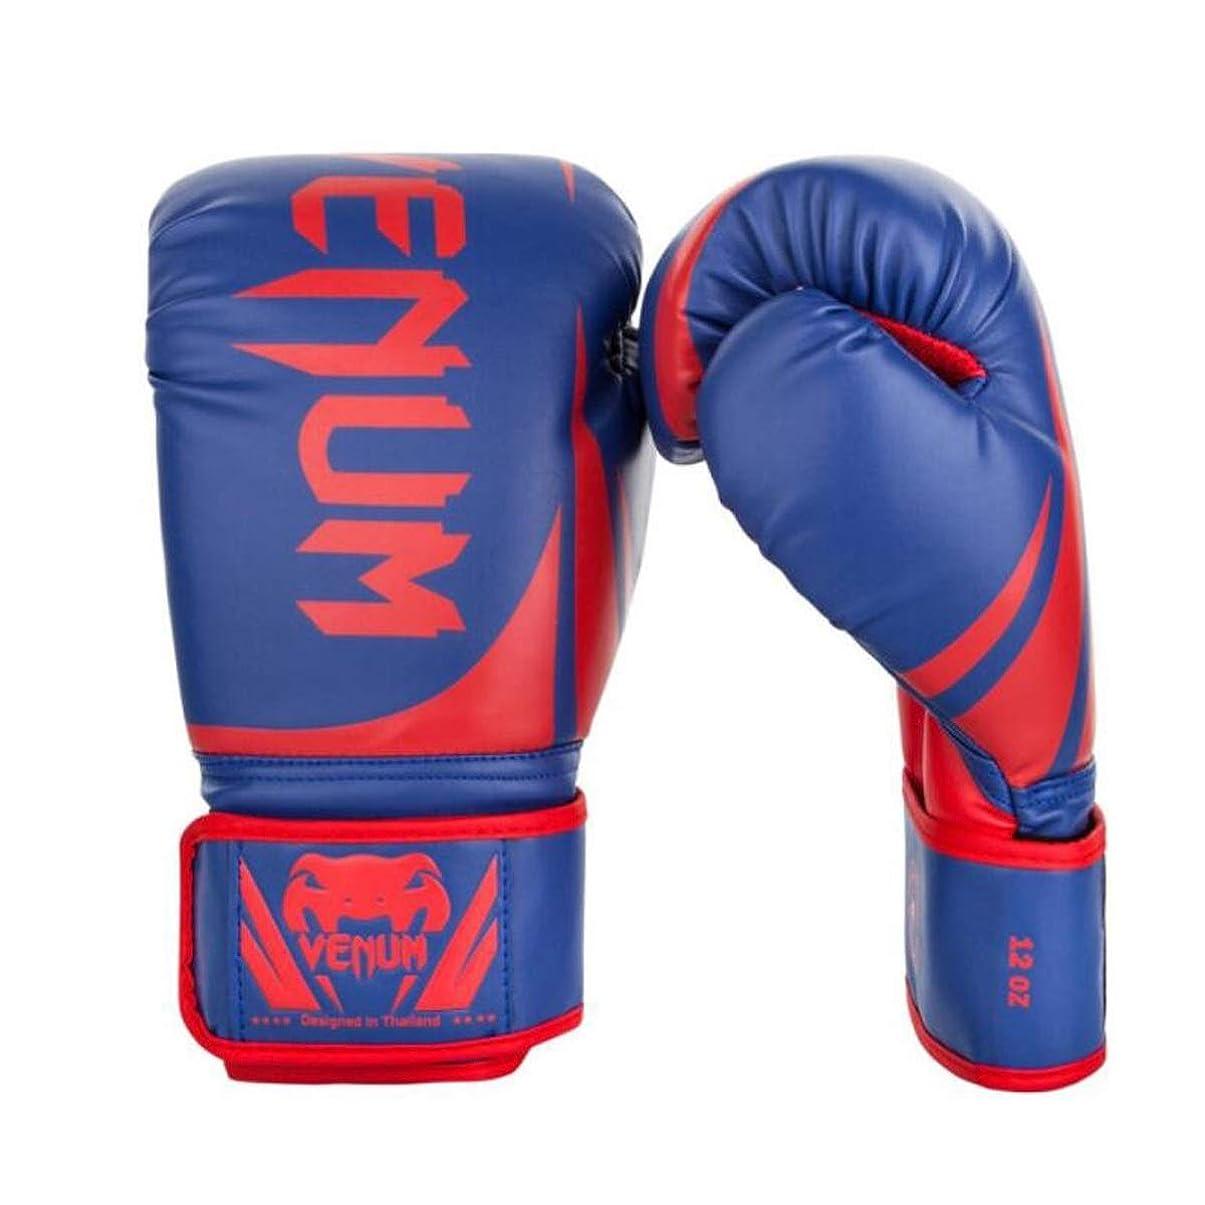 首謀者事前にドラゴンボクシンググローブ、大人の三田手袋、ムエタイファイトトレーニング土のう手袋、ワインレッド-8OZ